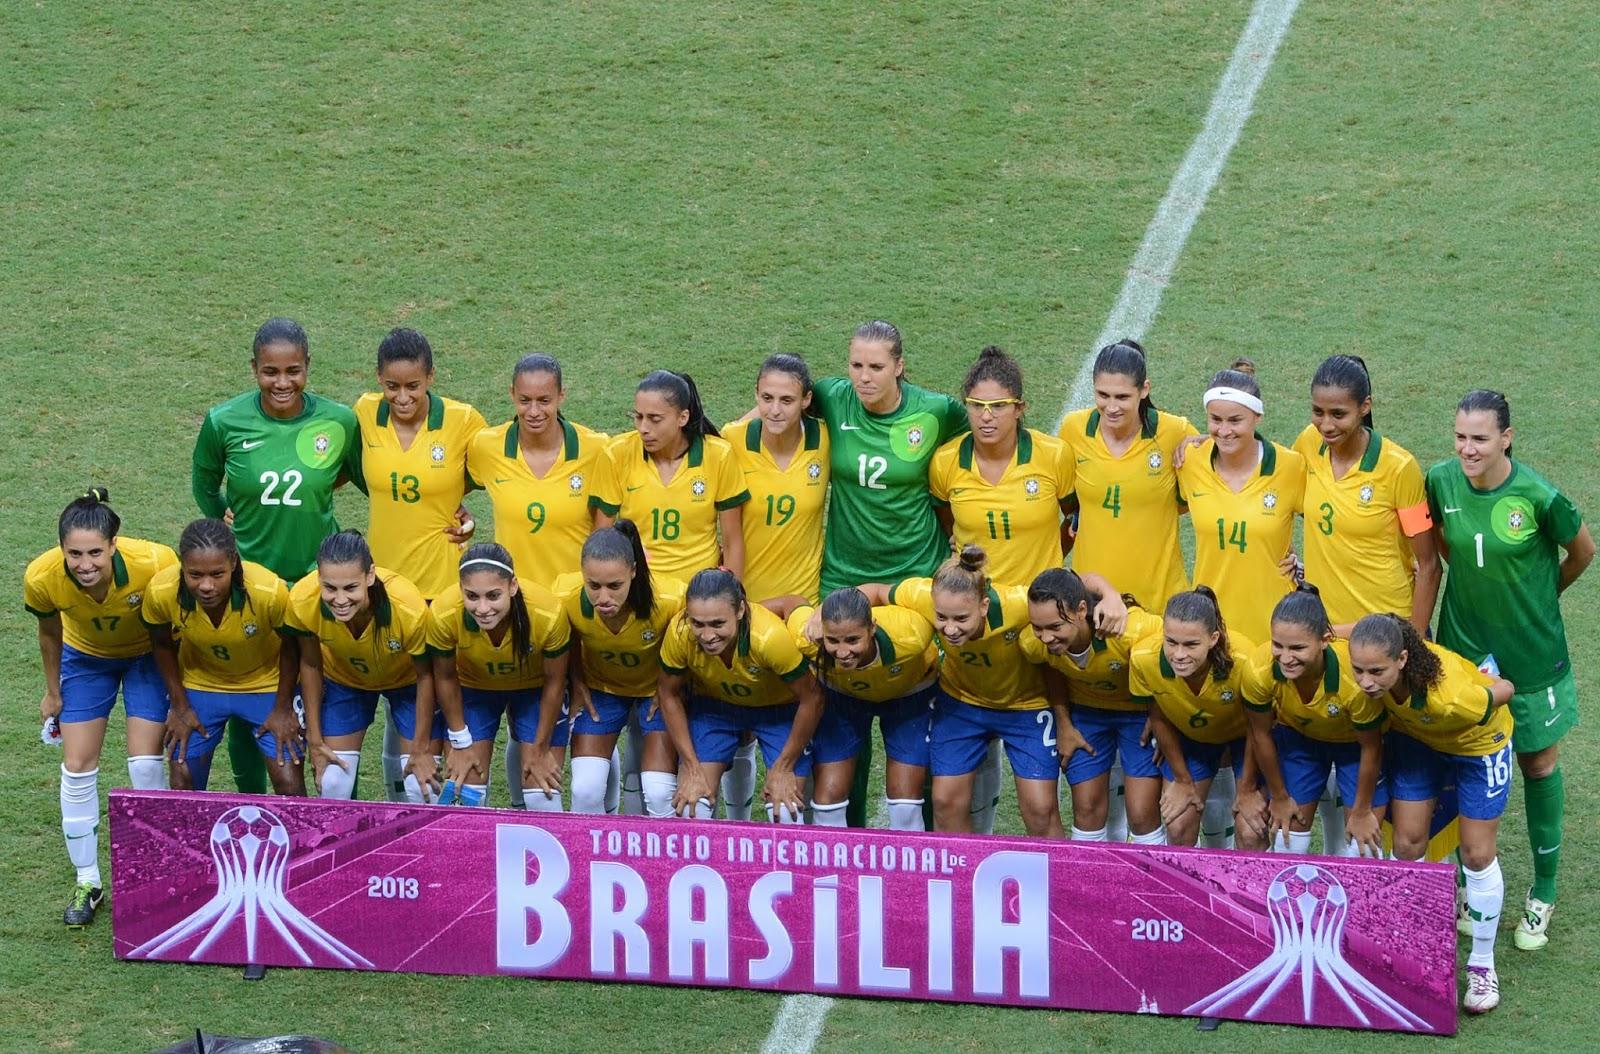 Titulares y suplentes de selección femenina de Brasil ante Chile, Torneio Internacional de Brasília 2013, 22 de diciembre